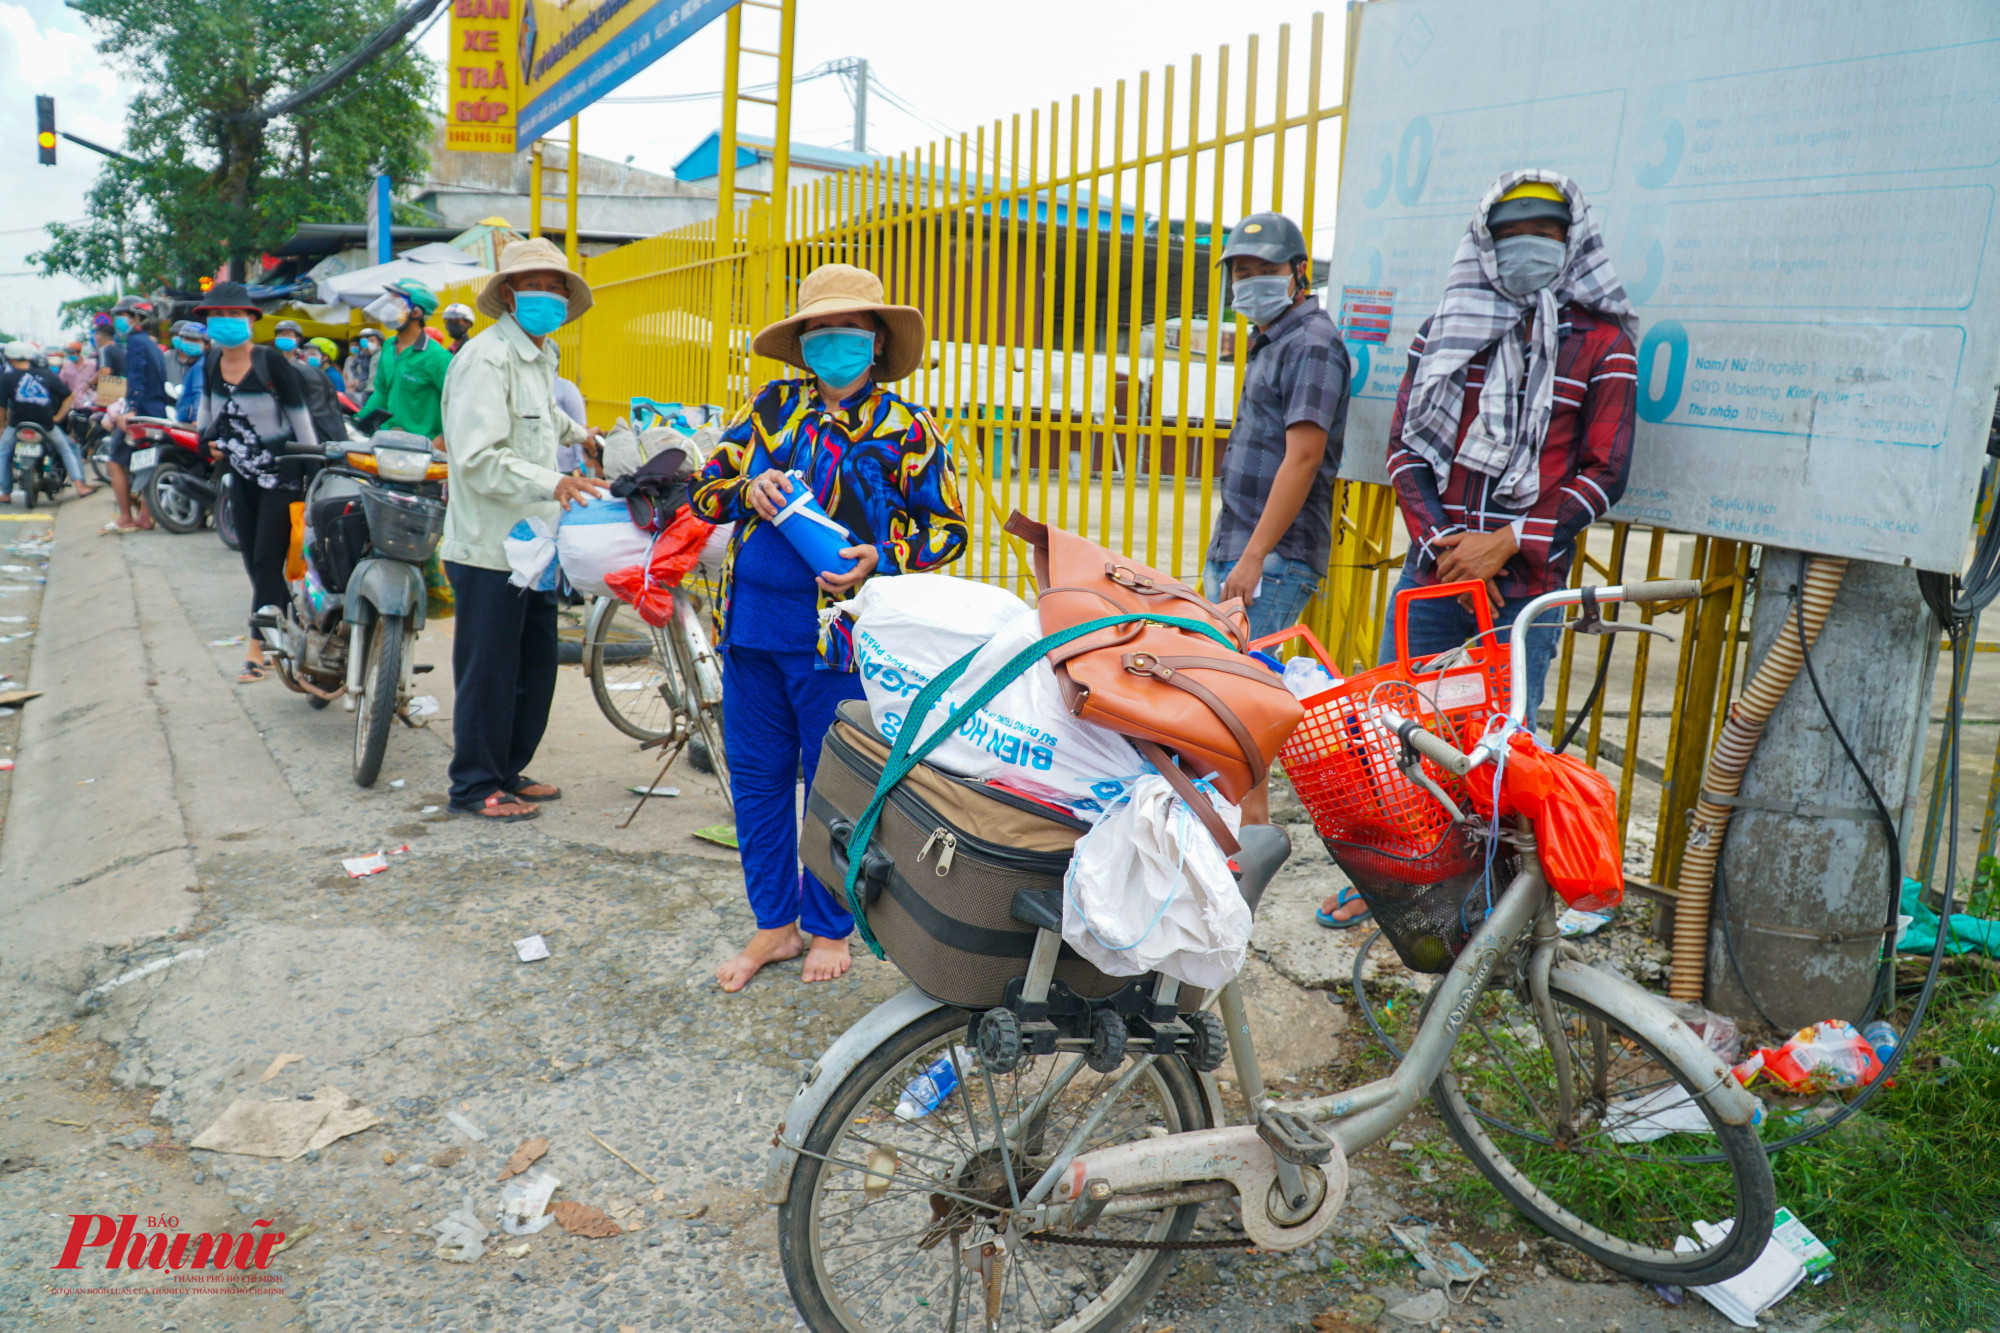 Không trụ lại được ở TPHCM, người nghèo tìm cách về quê bằng bất cứ phương tiện gì họ có (Ảnh: Tam Nguyên)